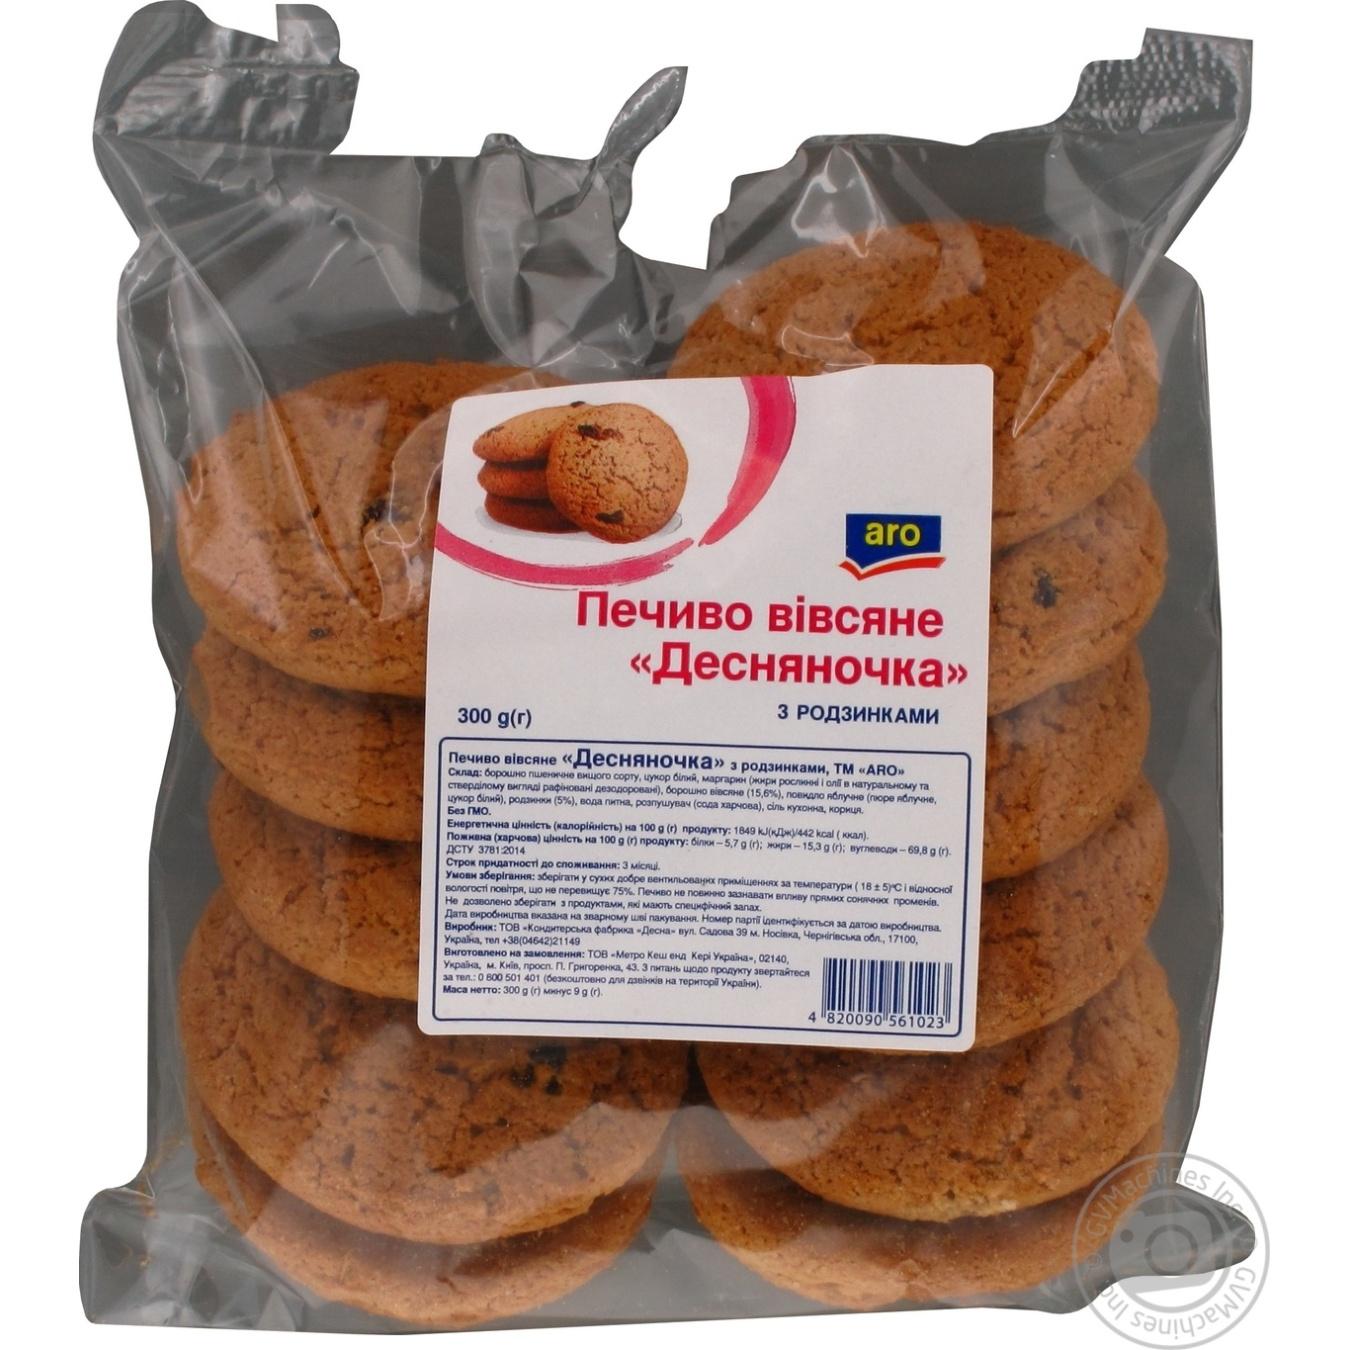 Печиво Аго вівсяне дсняночка з родзинками 300г